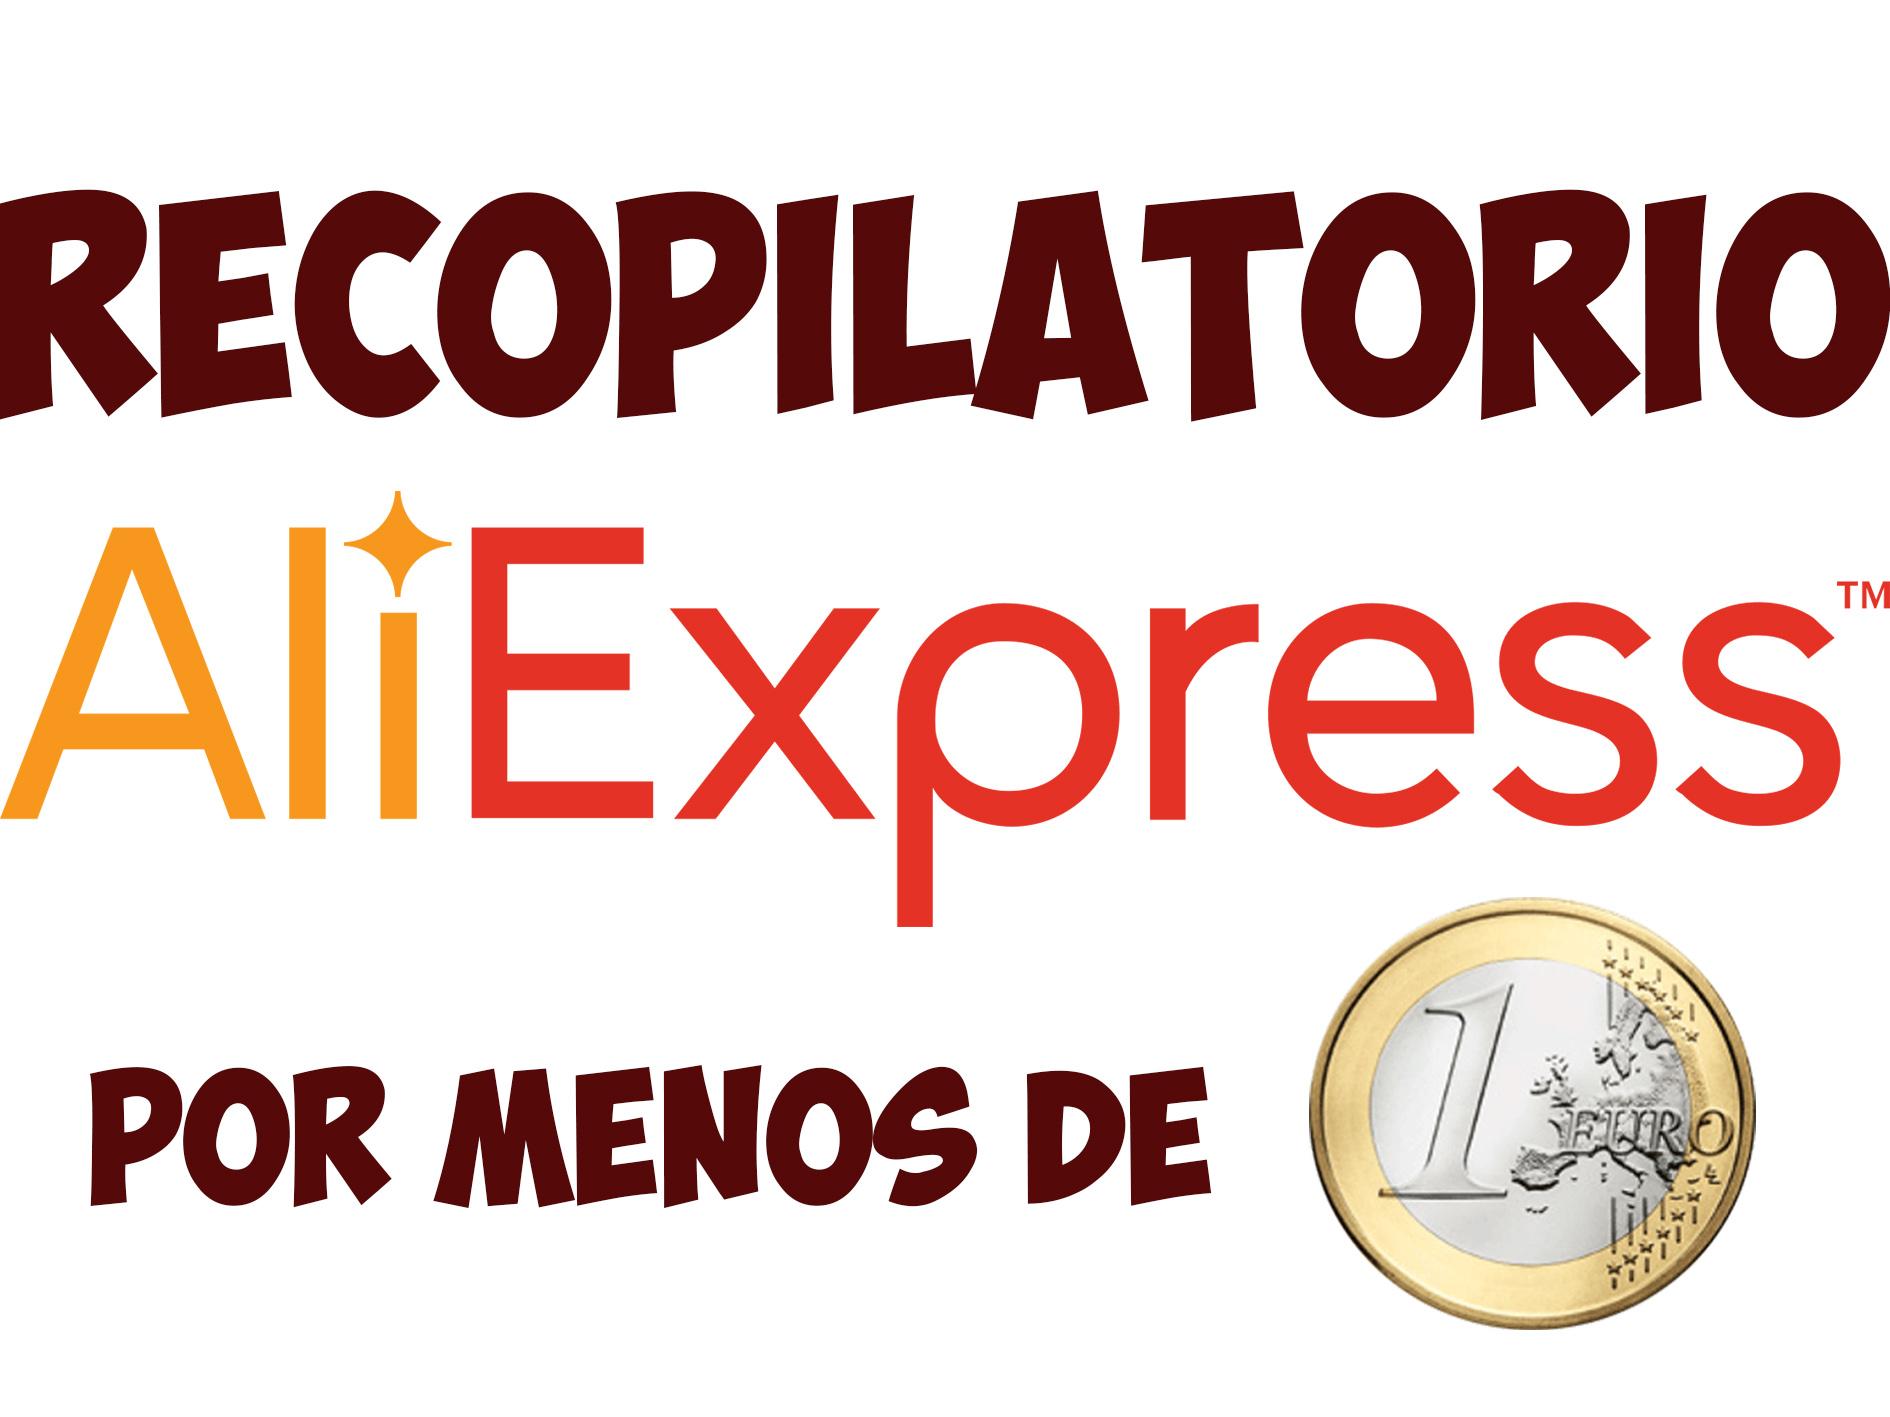 RECOPILATORIO por menos de 1€ (Aliexpress) + BONUS PARTICIPATIVO